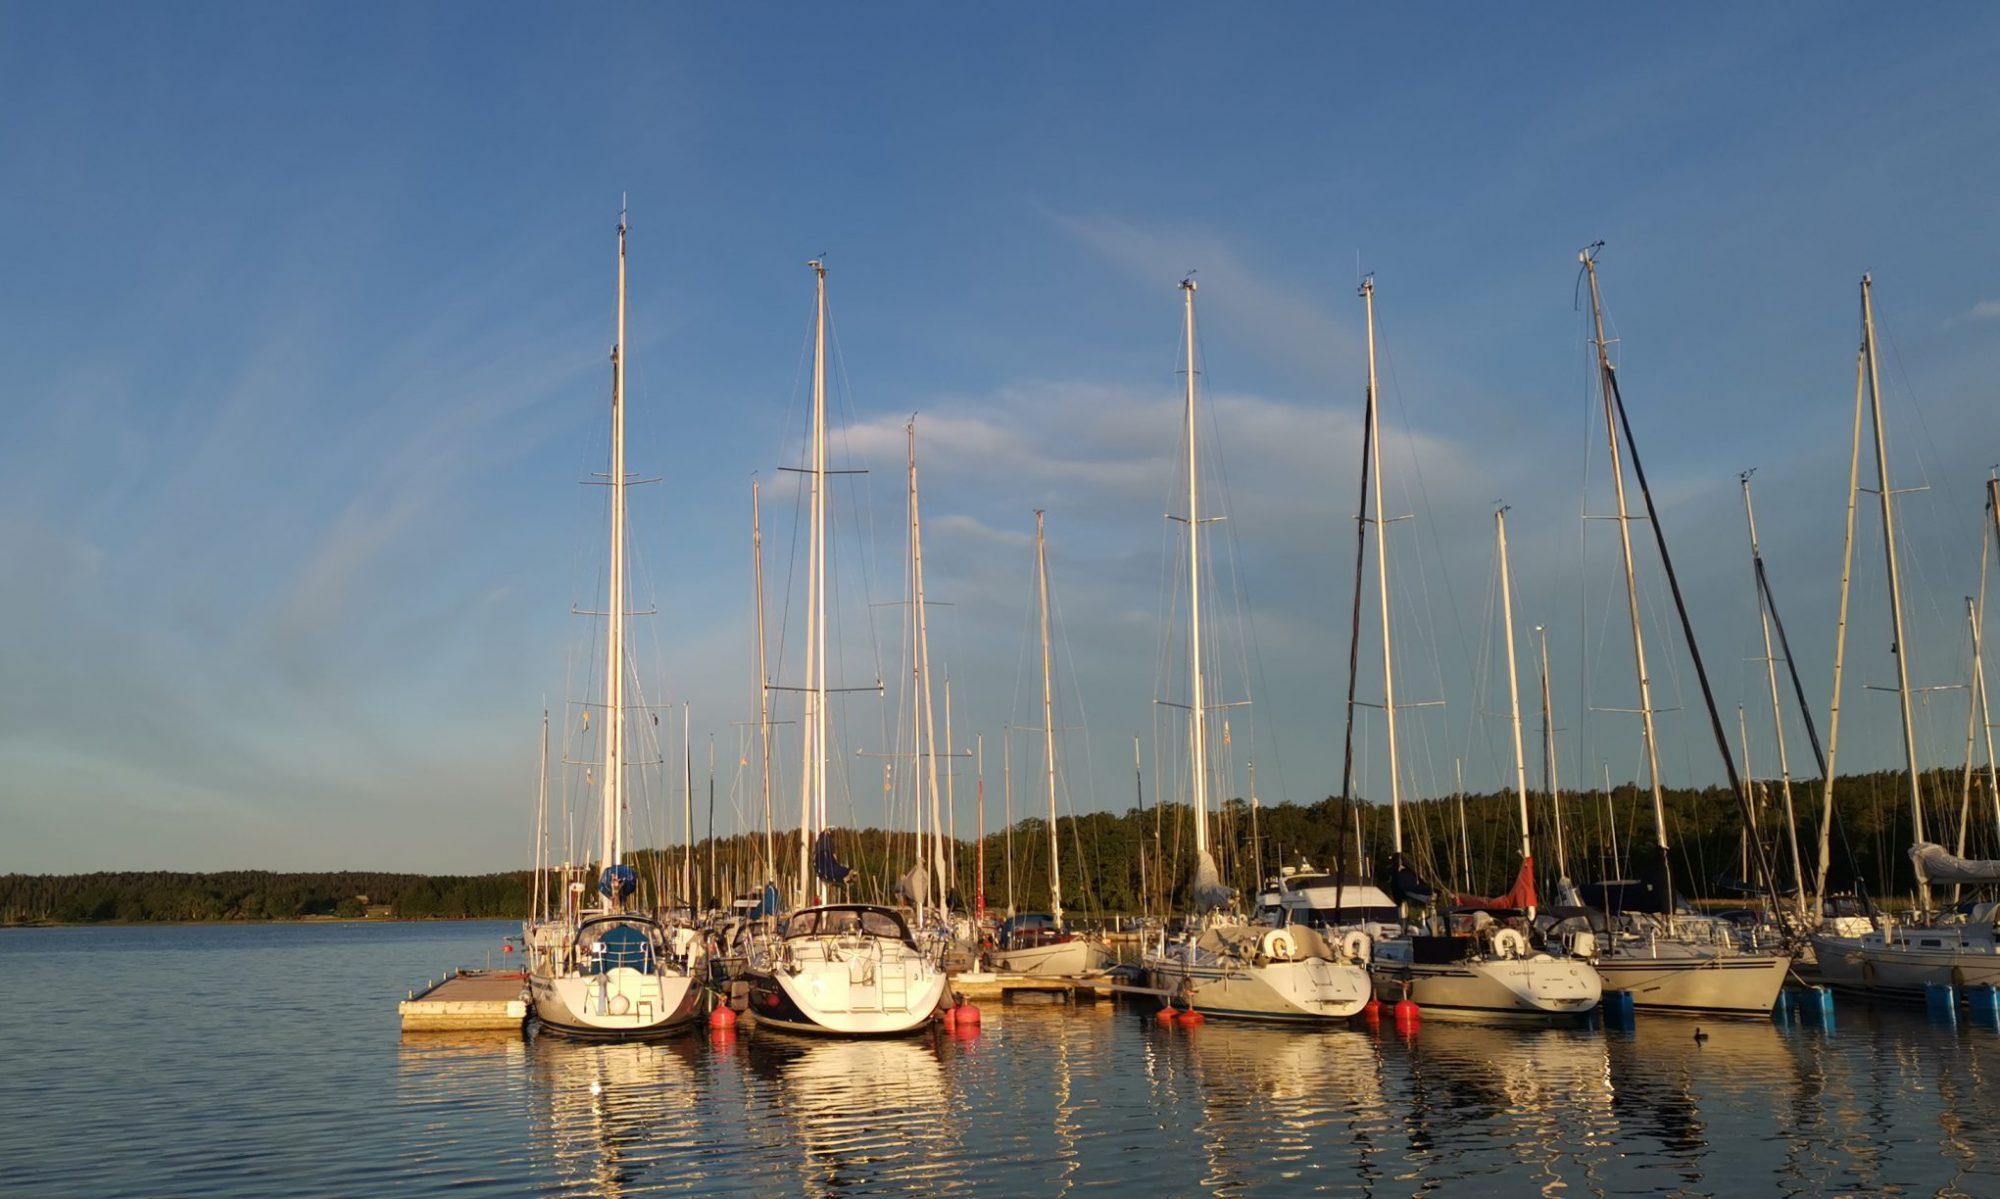 Trollbäckens Båtsällskap